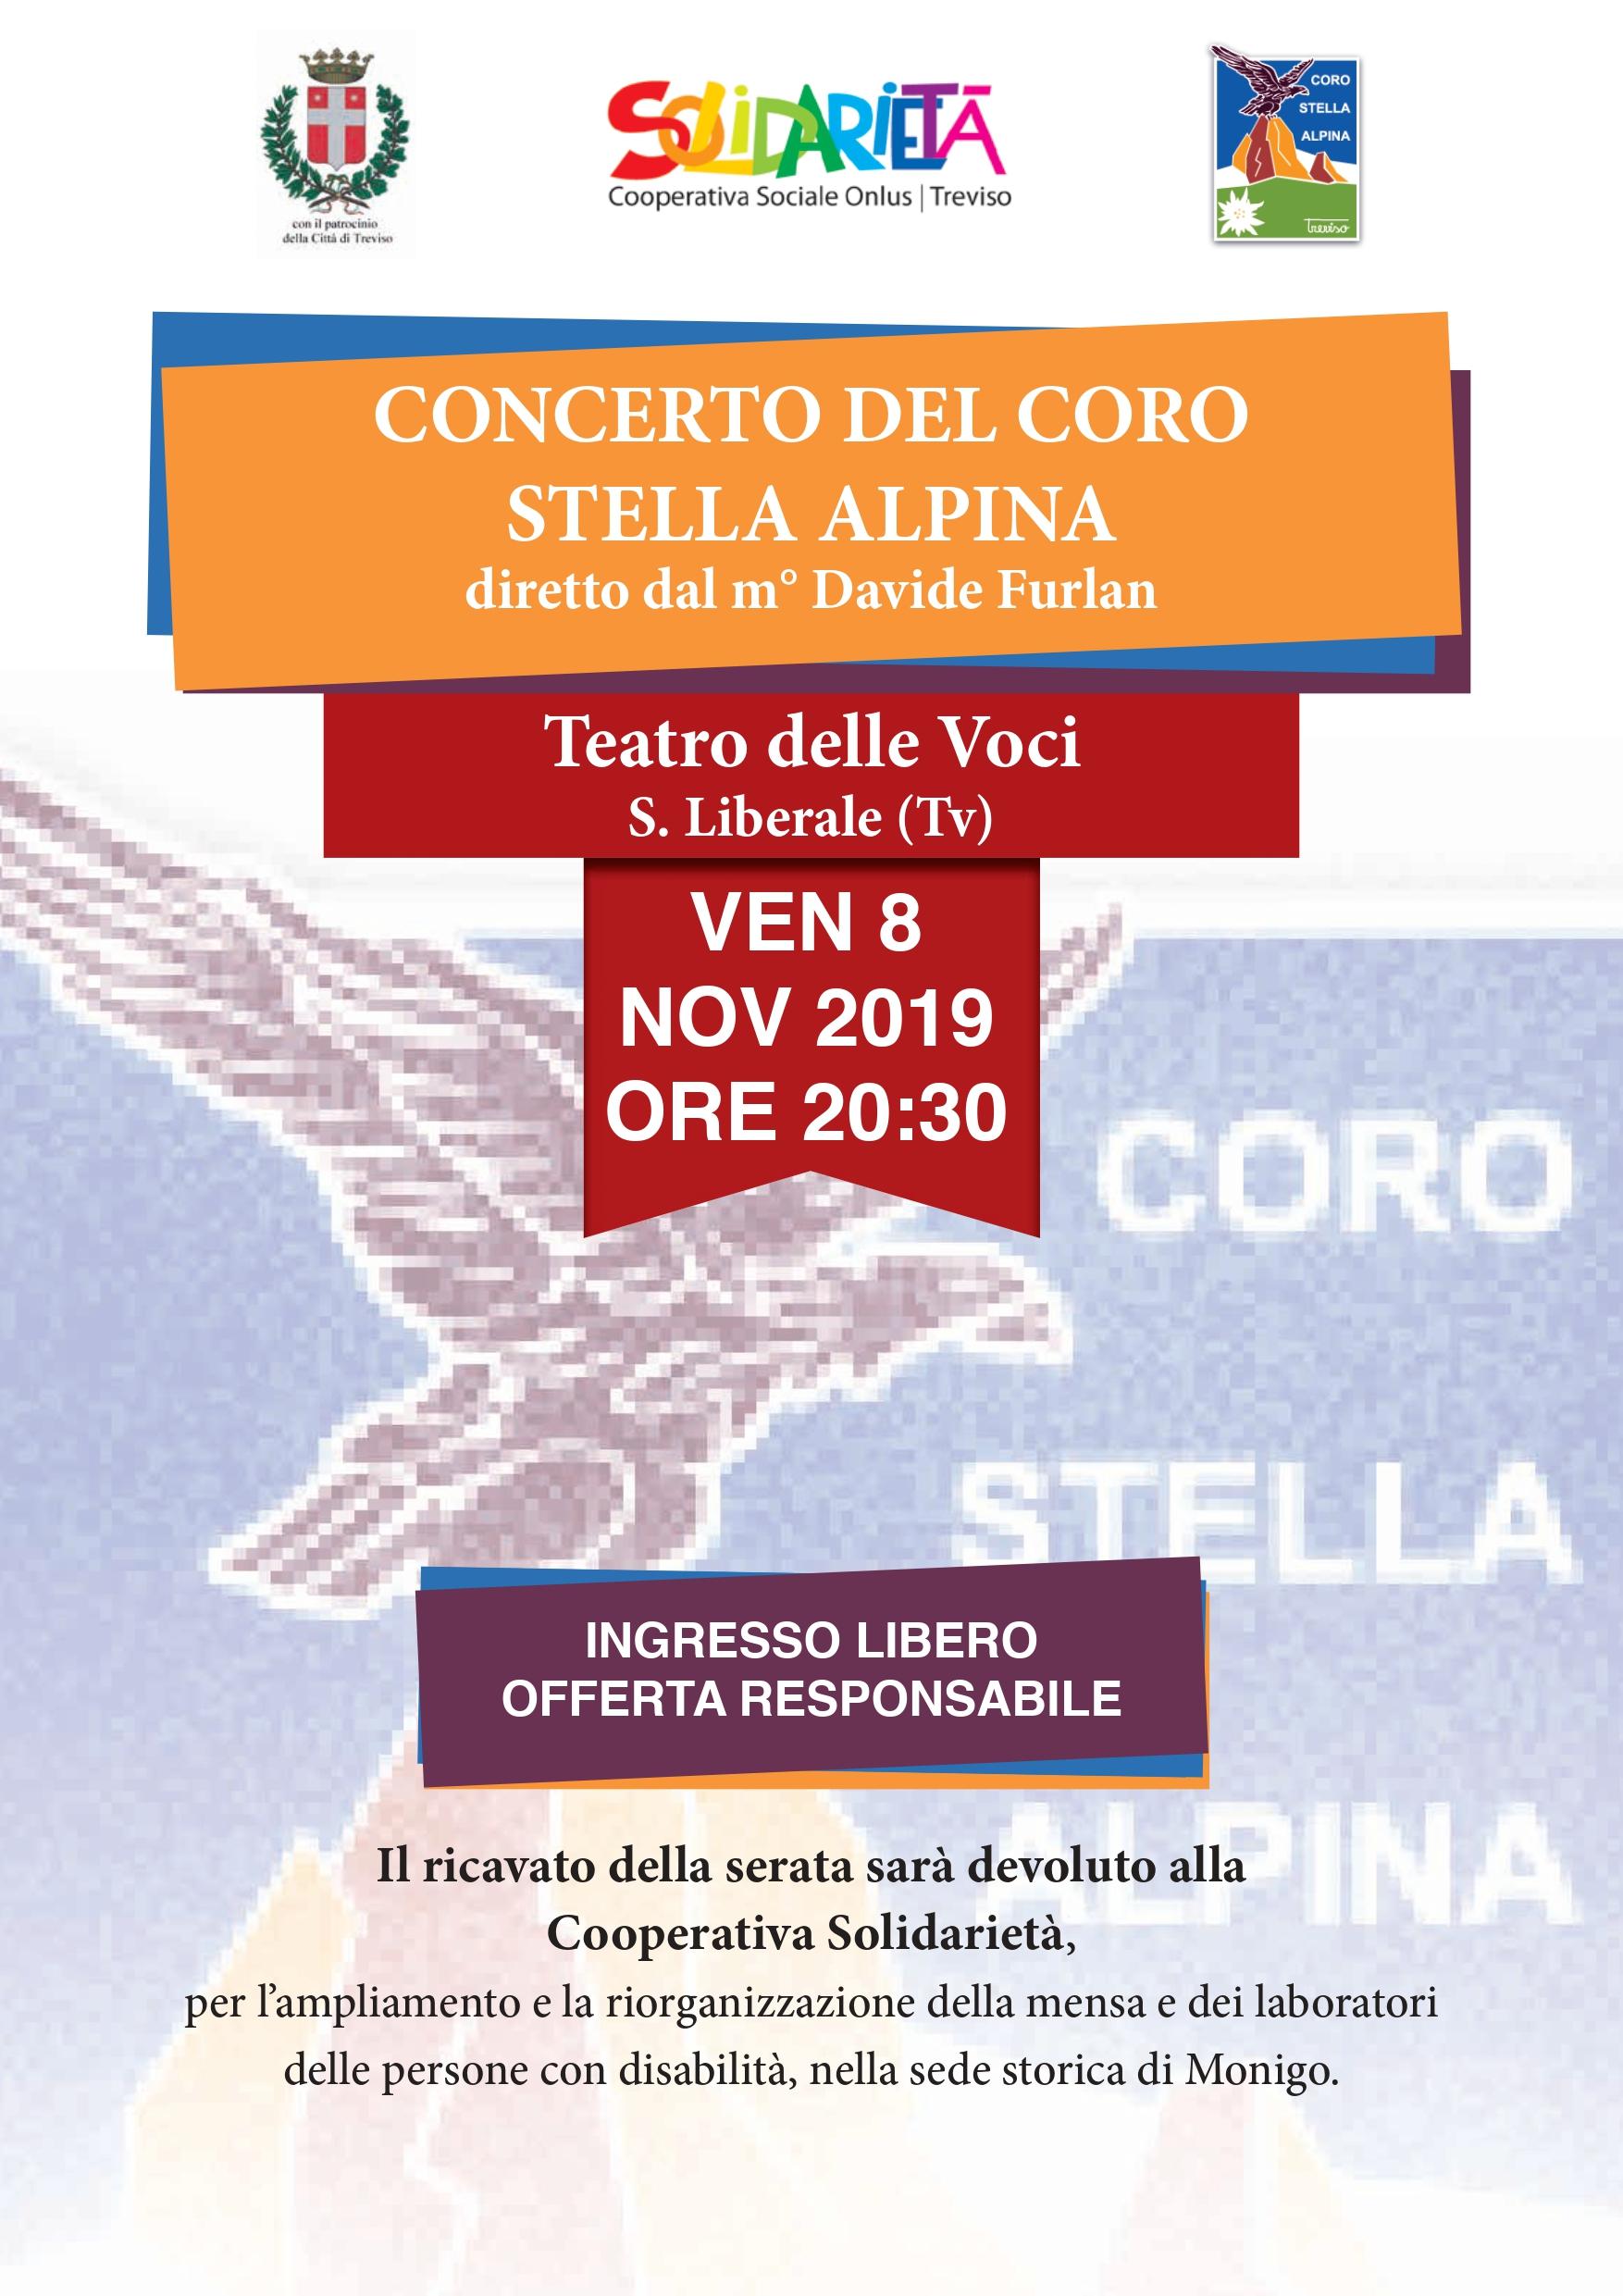 Concerto del Coro Stella Alpina | 8 novembre 2019